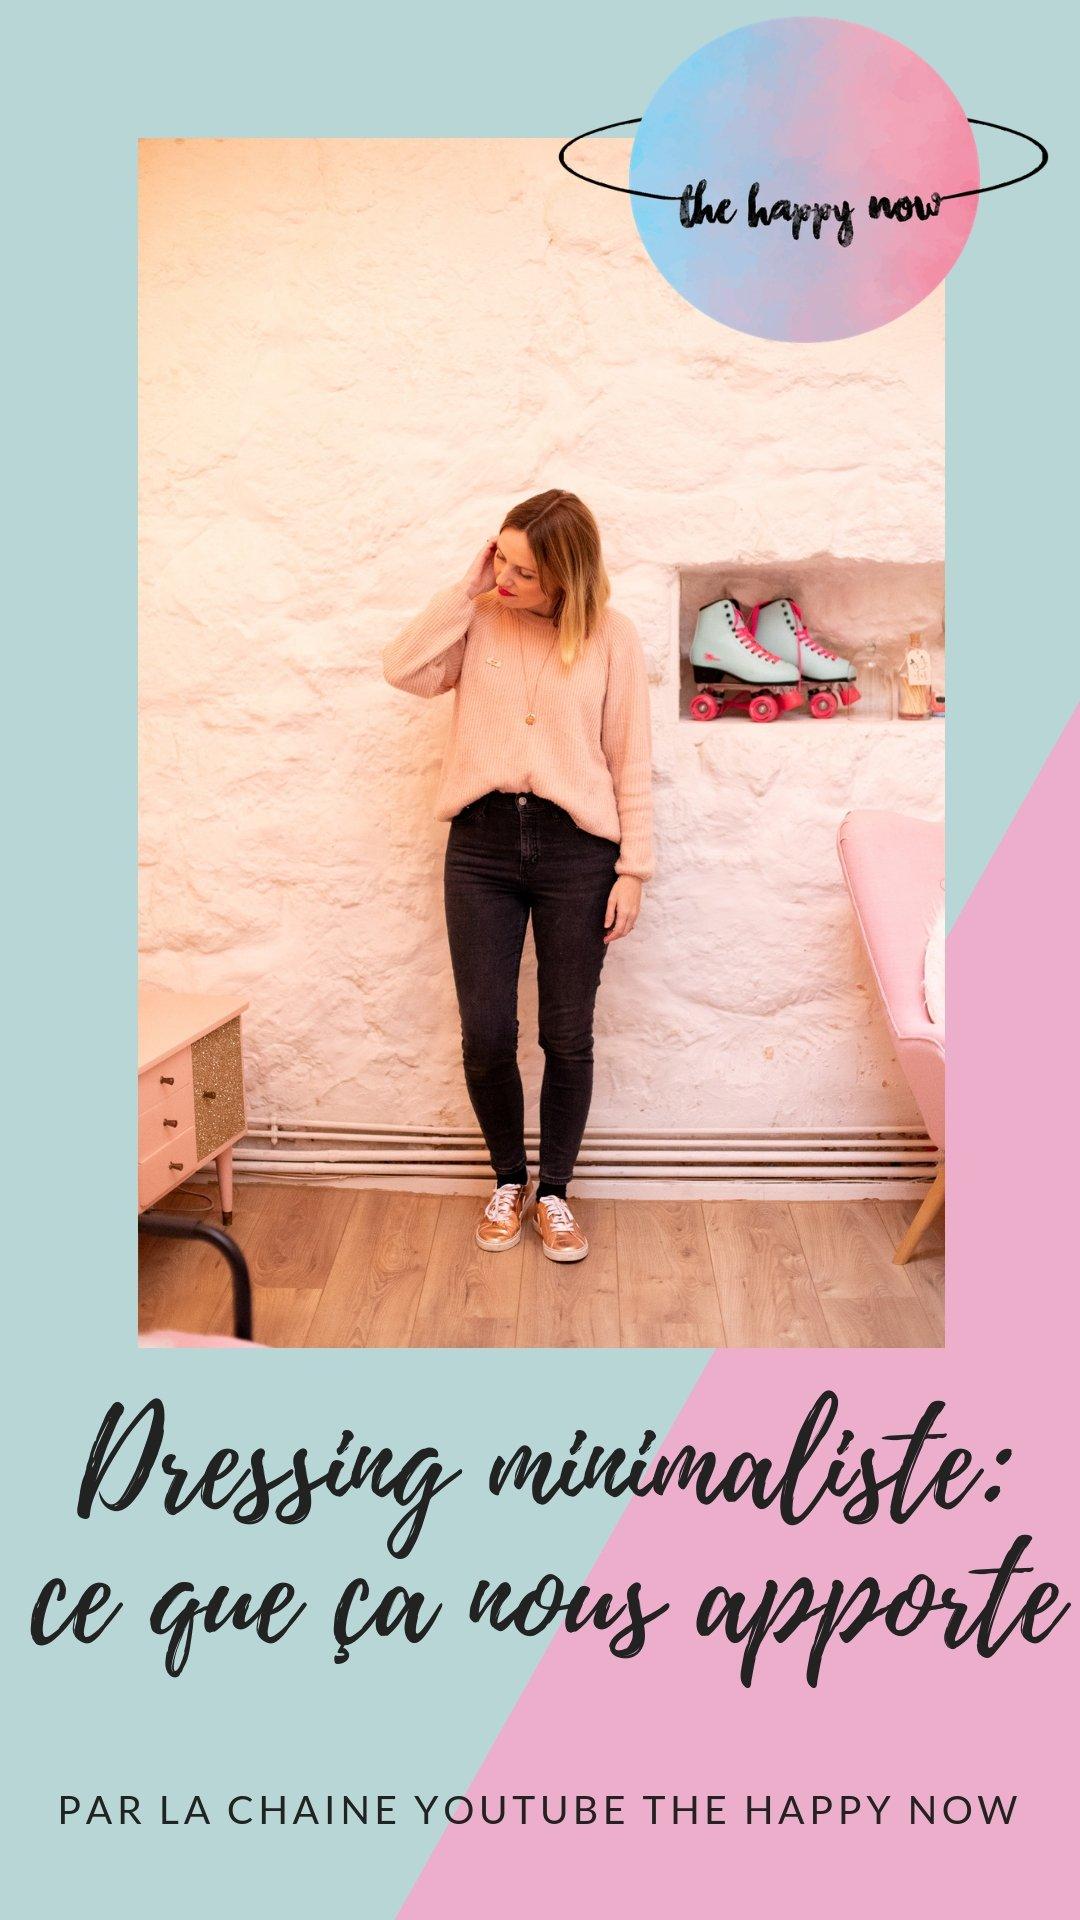 avoir un dressing minimaliste, qu'est ce que ça nous apporte?